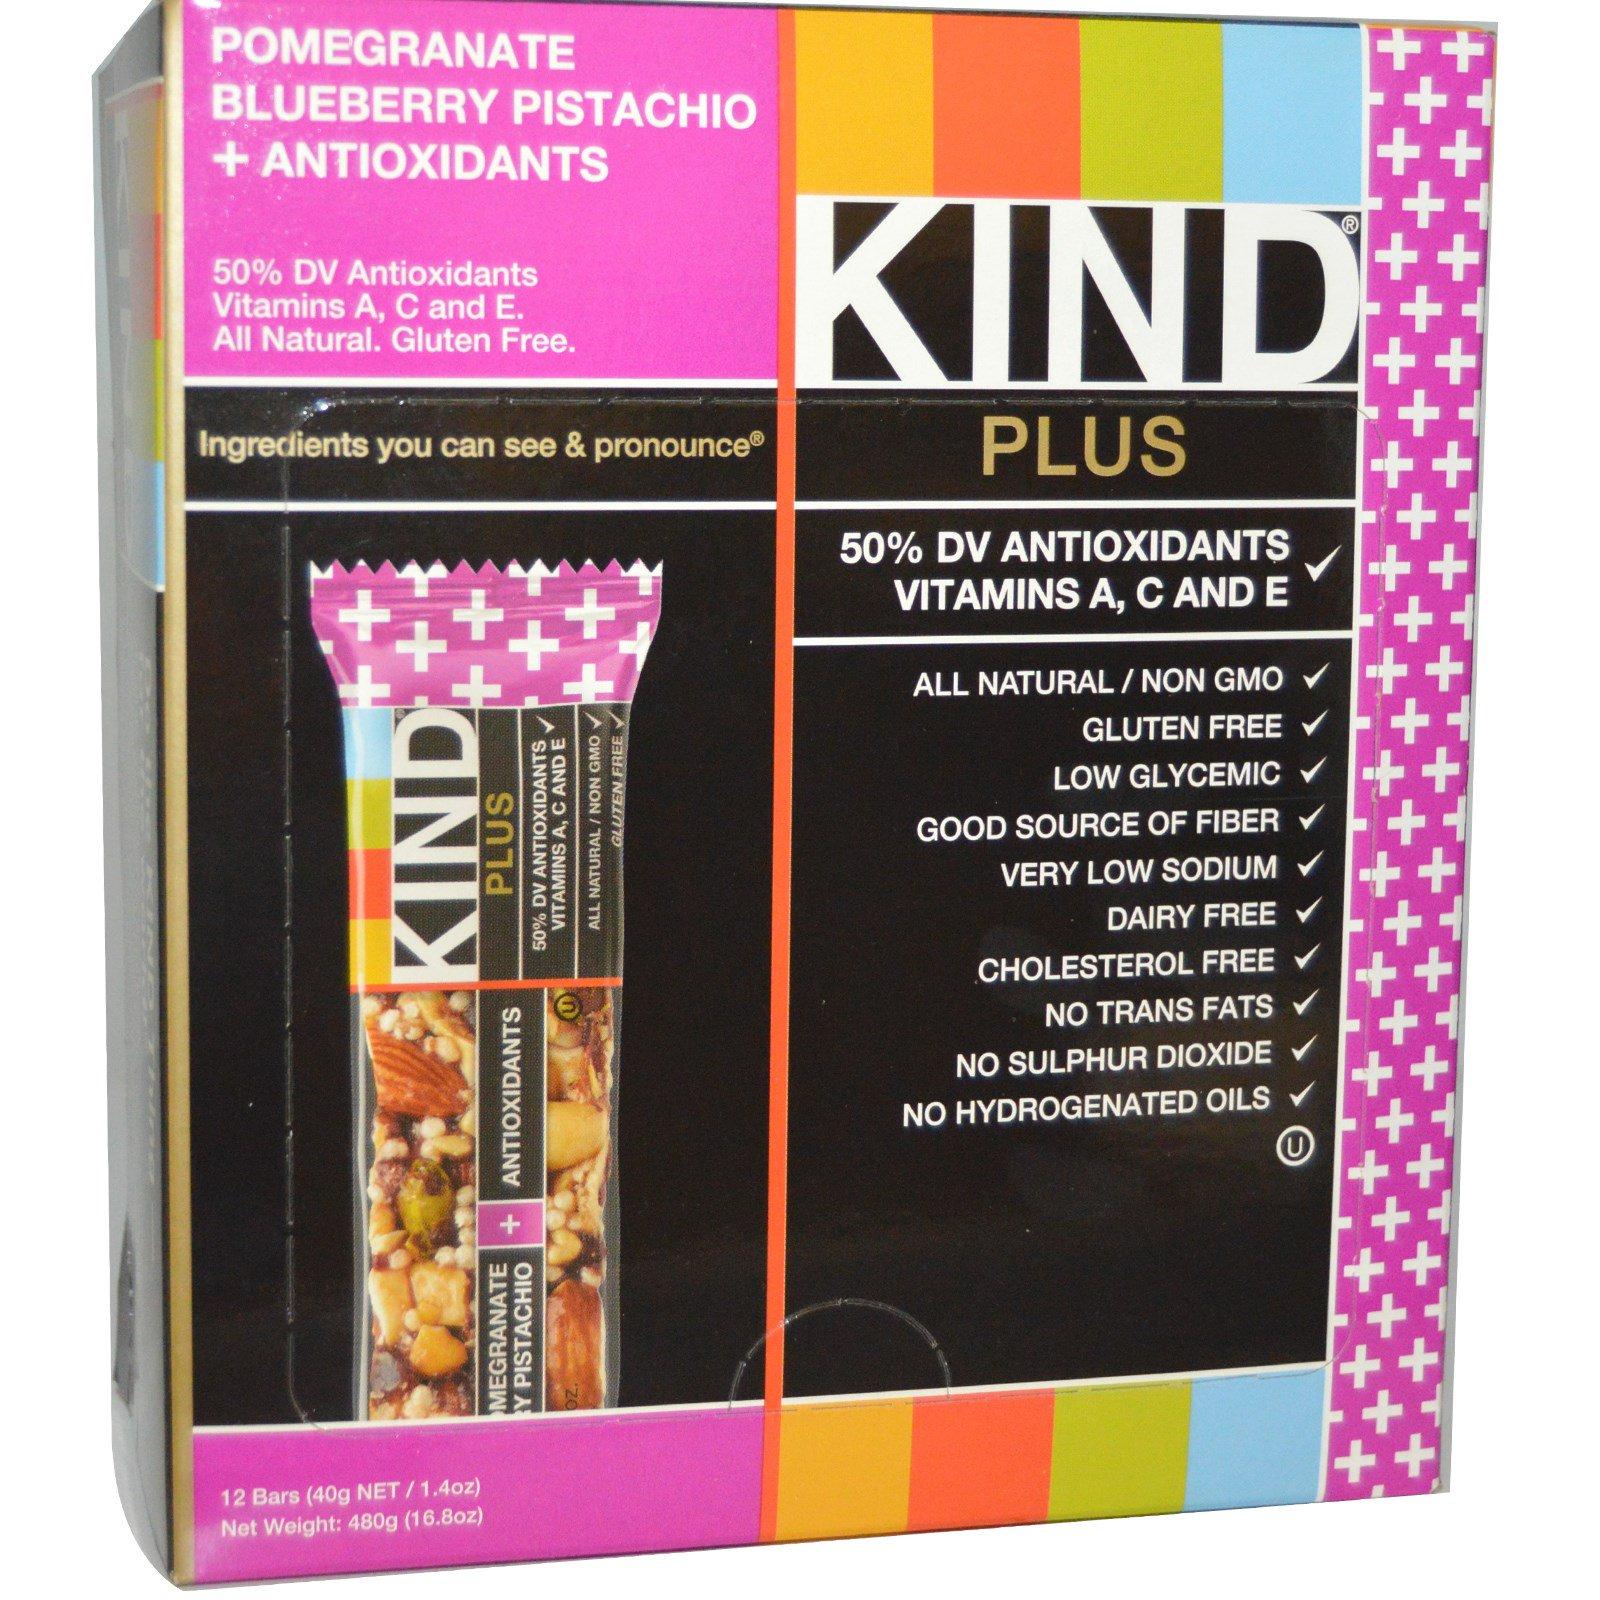 過去のカインドバーナッツ&スパイス のレビューに続いて、今回は KIND Bar Plus/カインドバー プラスについて書いてみたいと思います。KIND Bar Plus/カインドバー プラスこのKIND PLUS Barsのシリー.